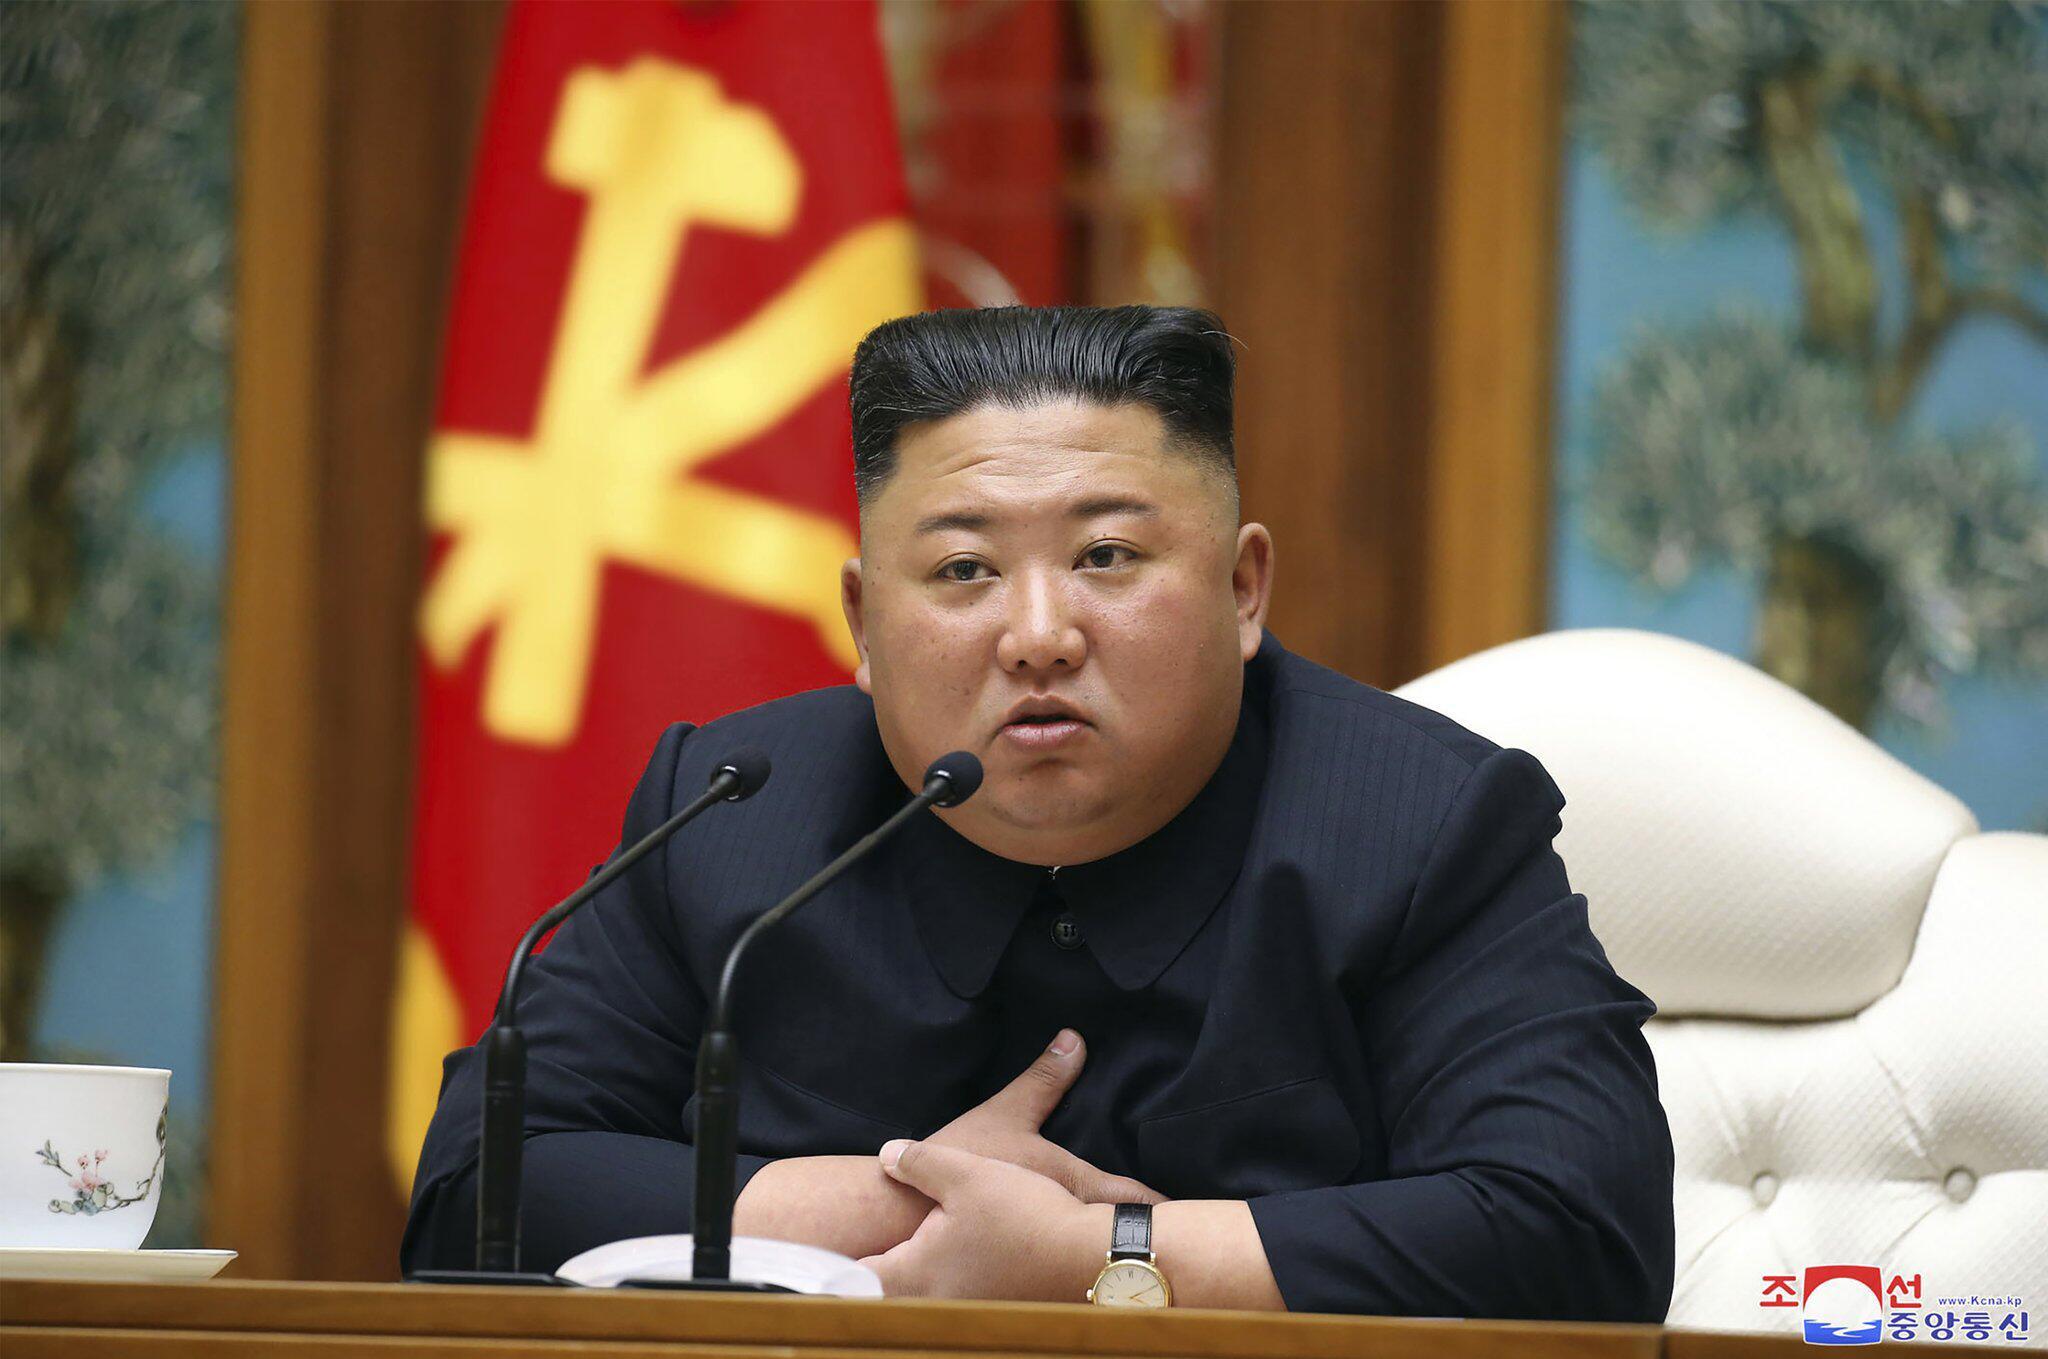 Bild zu Coronavirus - Nordkorea